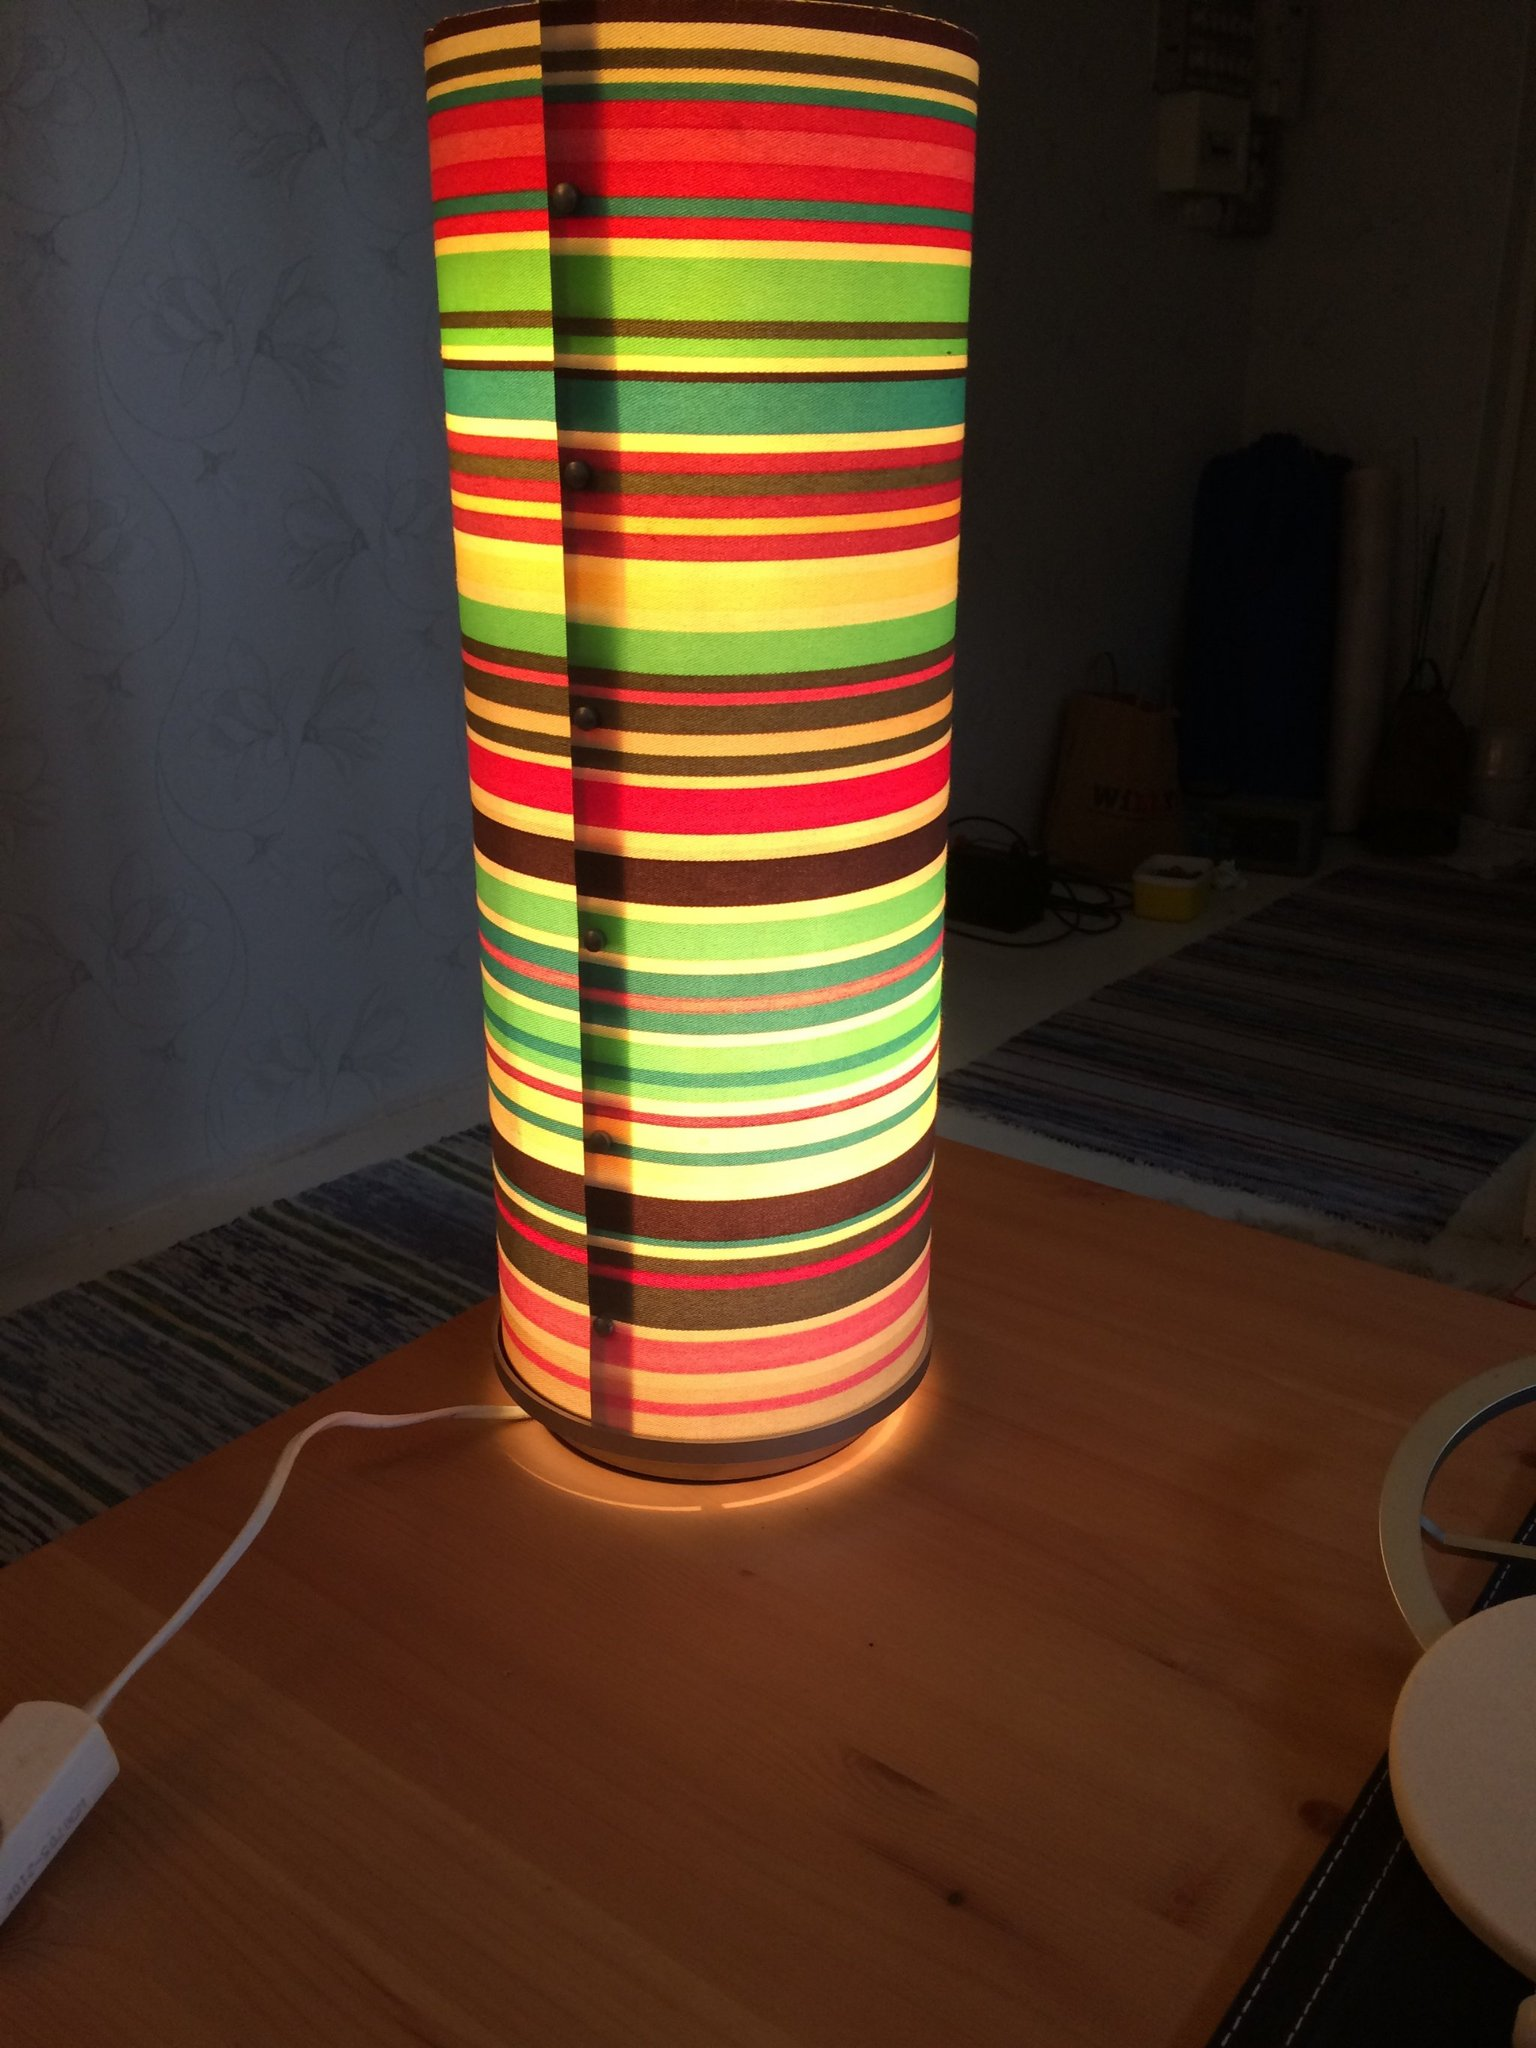 IKEA LAMPA 50cm (411203632) ᐈ Köp på Tradera